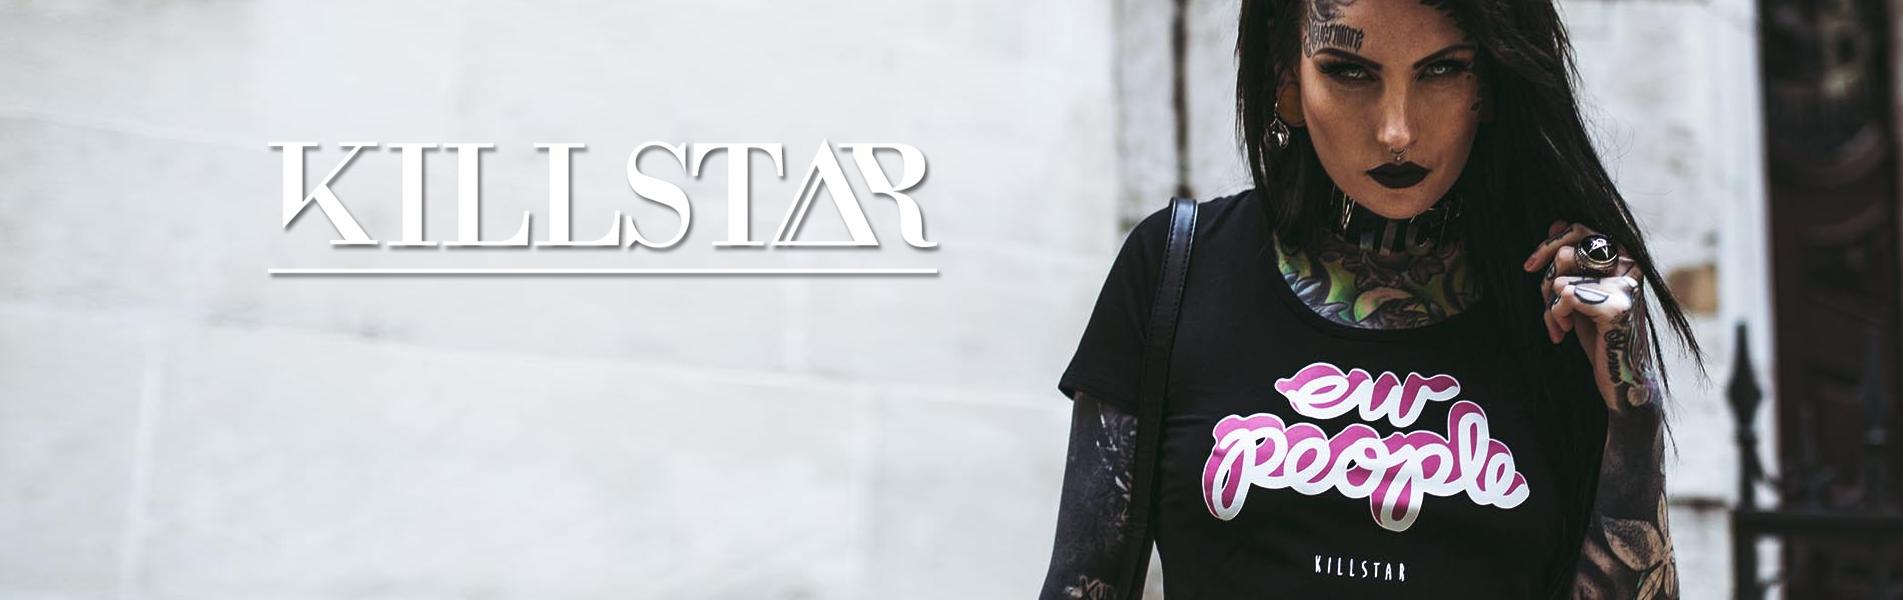 Killstar Banner News